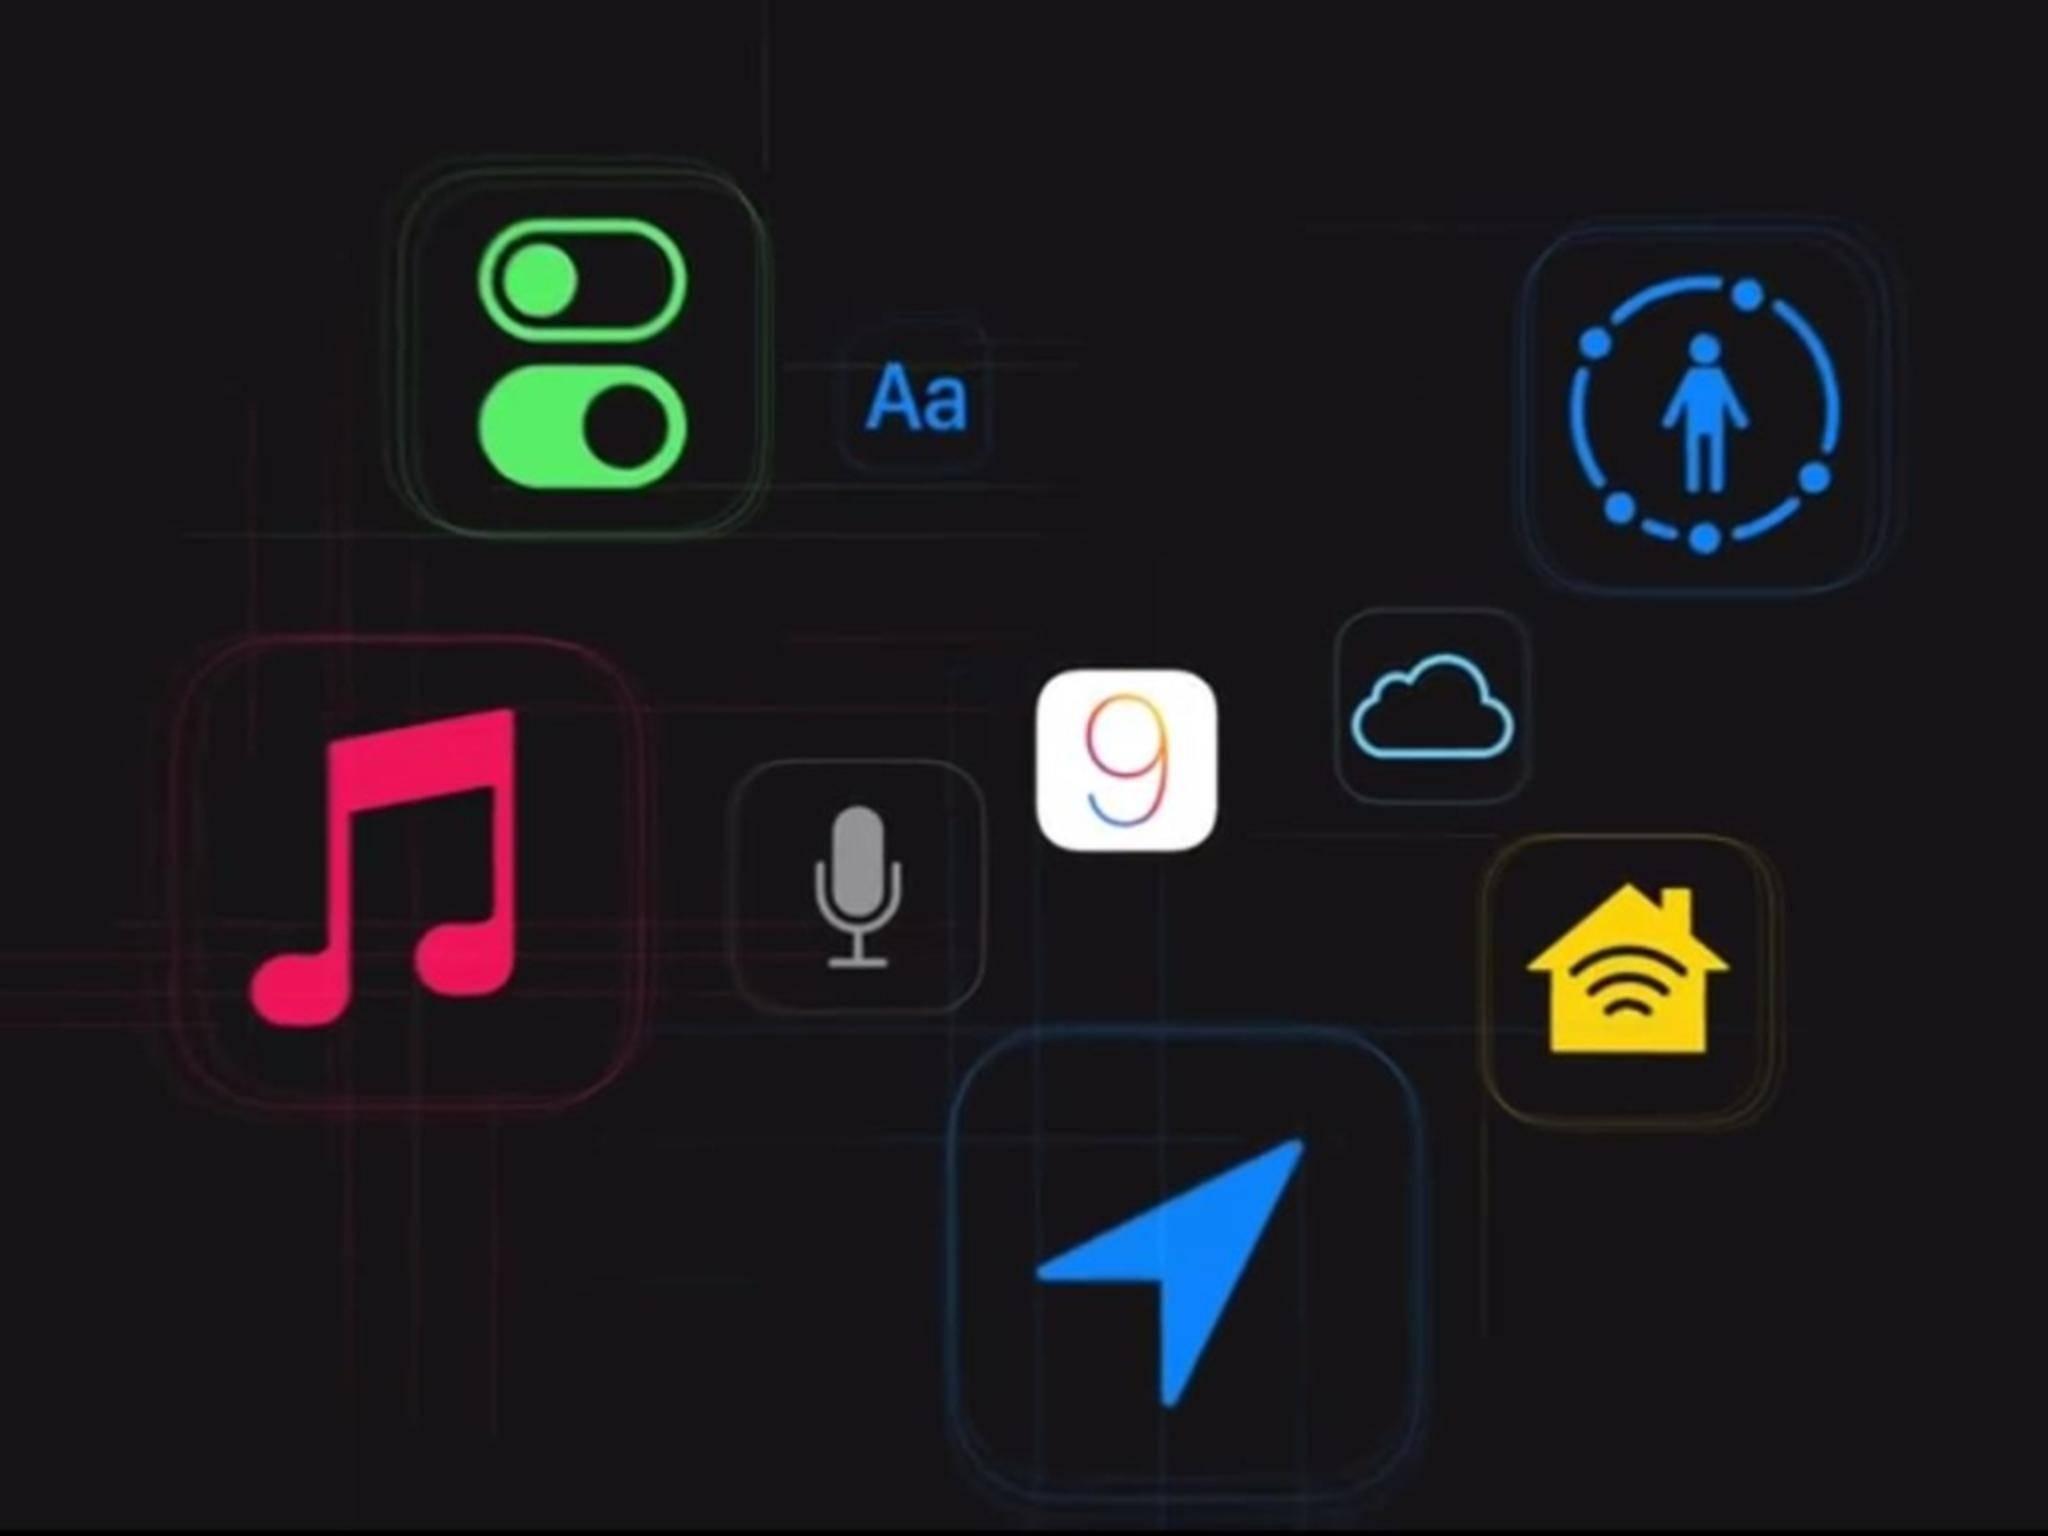 Der Release von iOS 9 war nur eines von vielen Highlights.